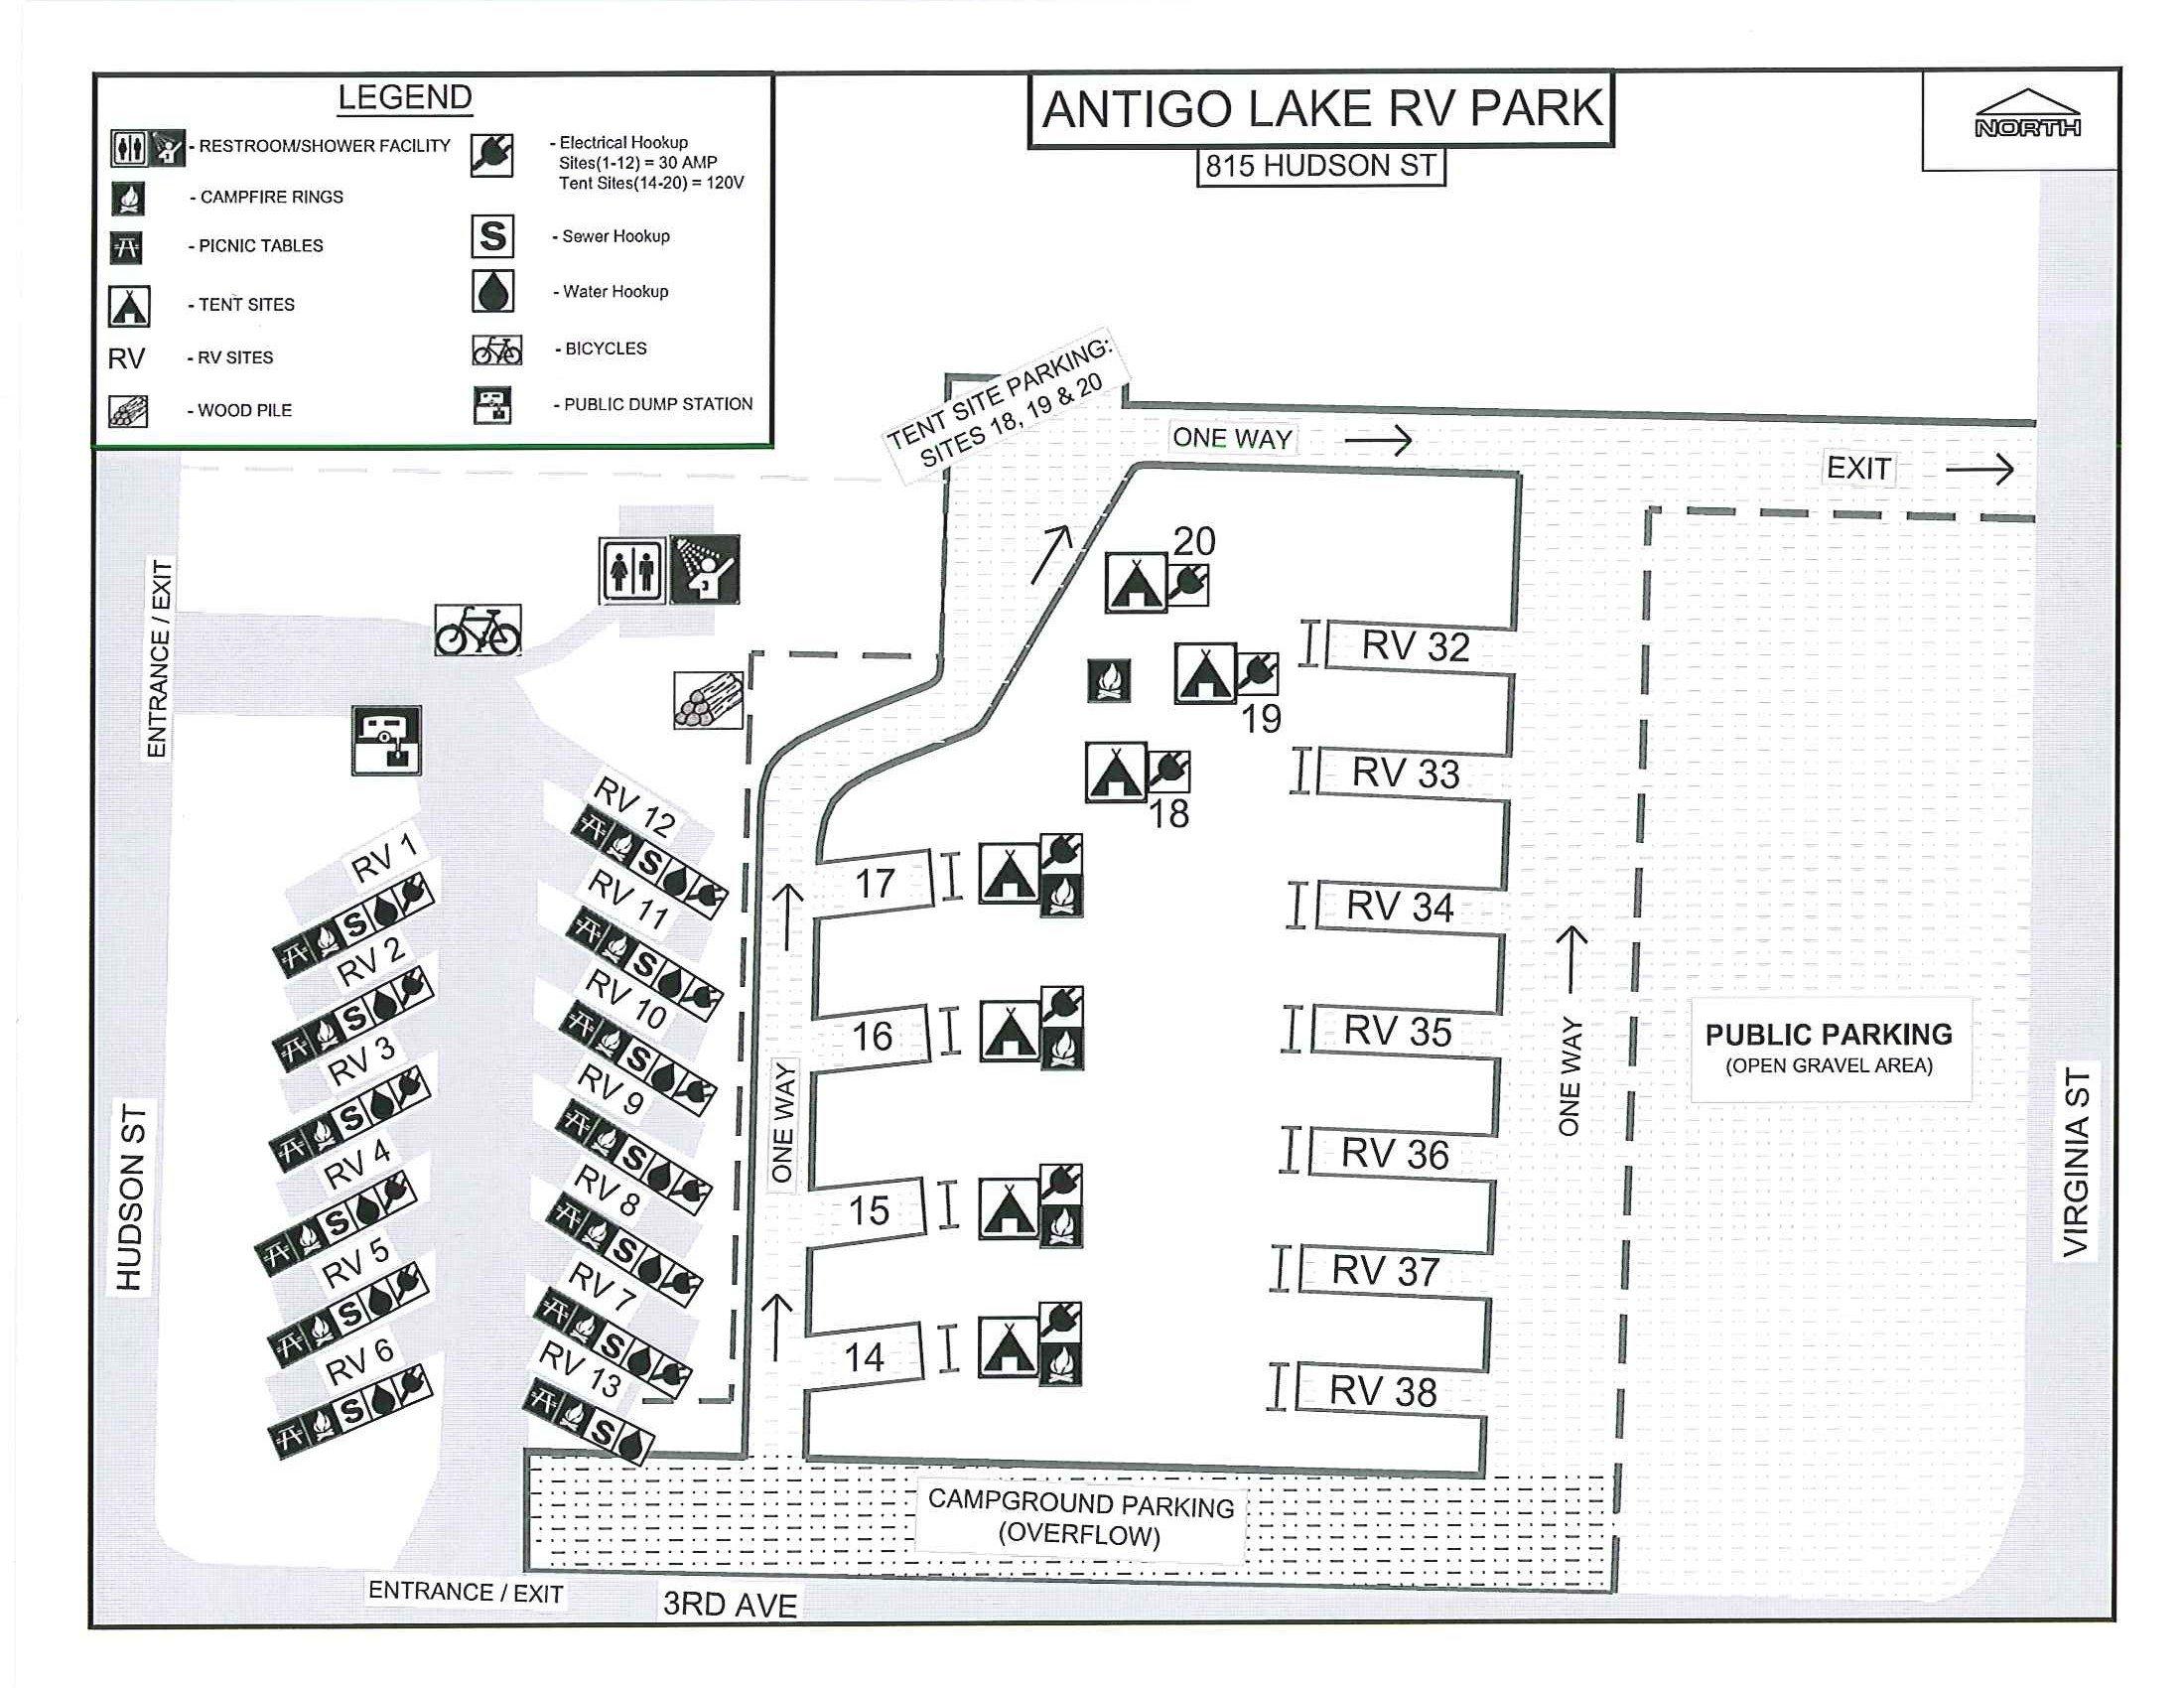 Campground City Of Antigo Official Website Wi 30 Amp 120v Wiring Diagram For Rv Fees